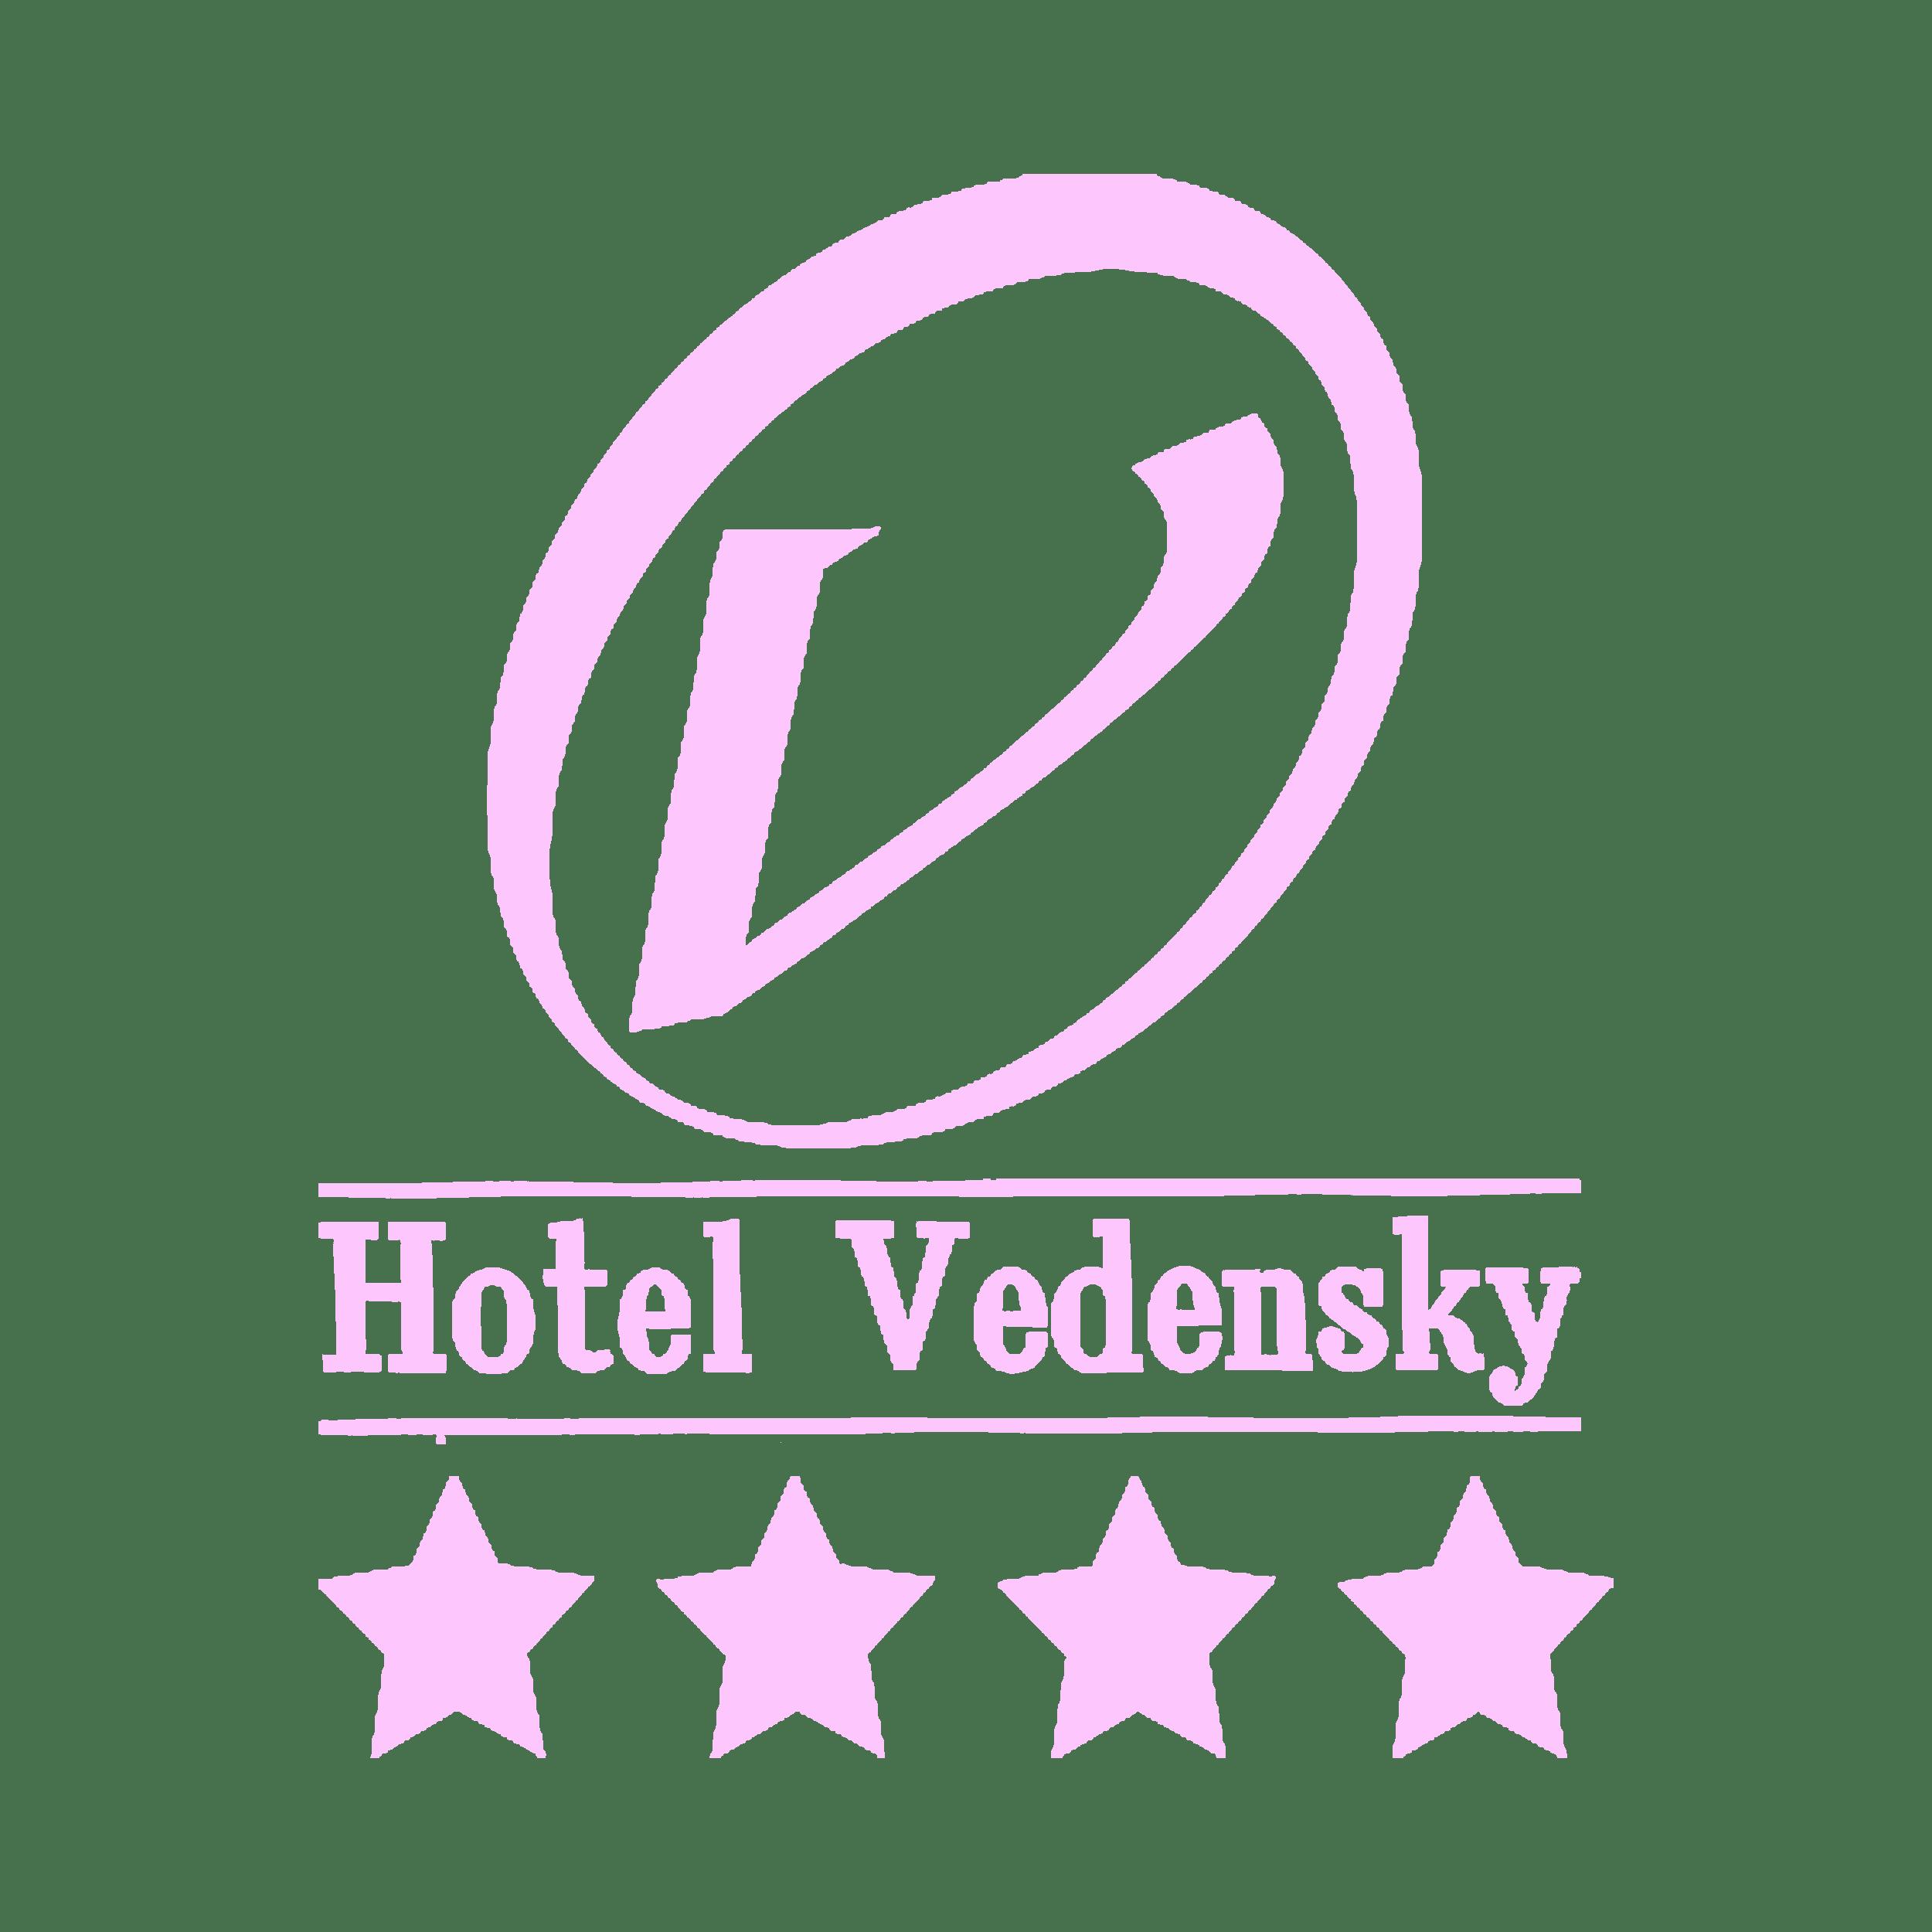 Банкетные залы на свадьбу в гостинице Веденский